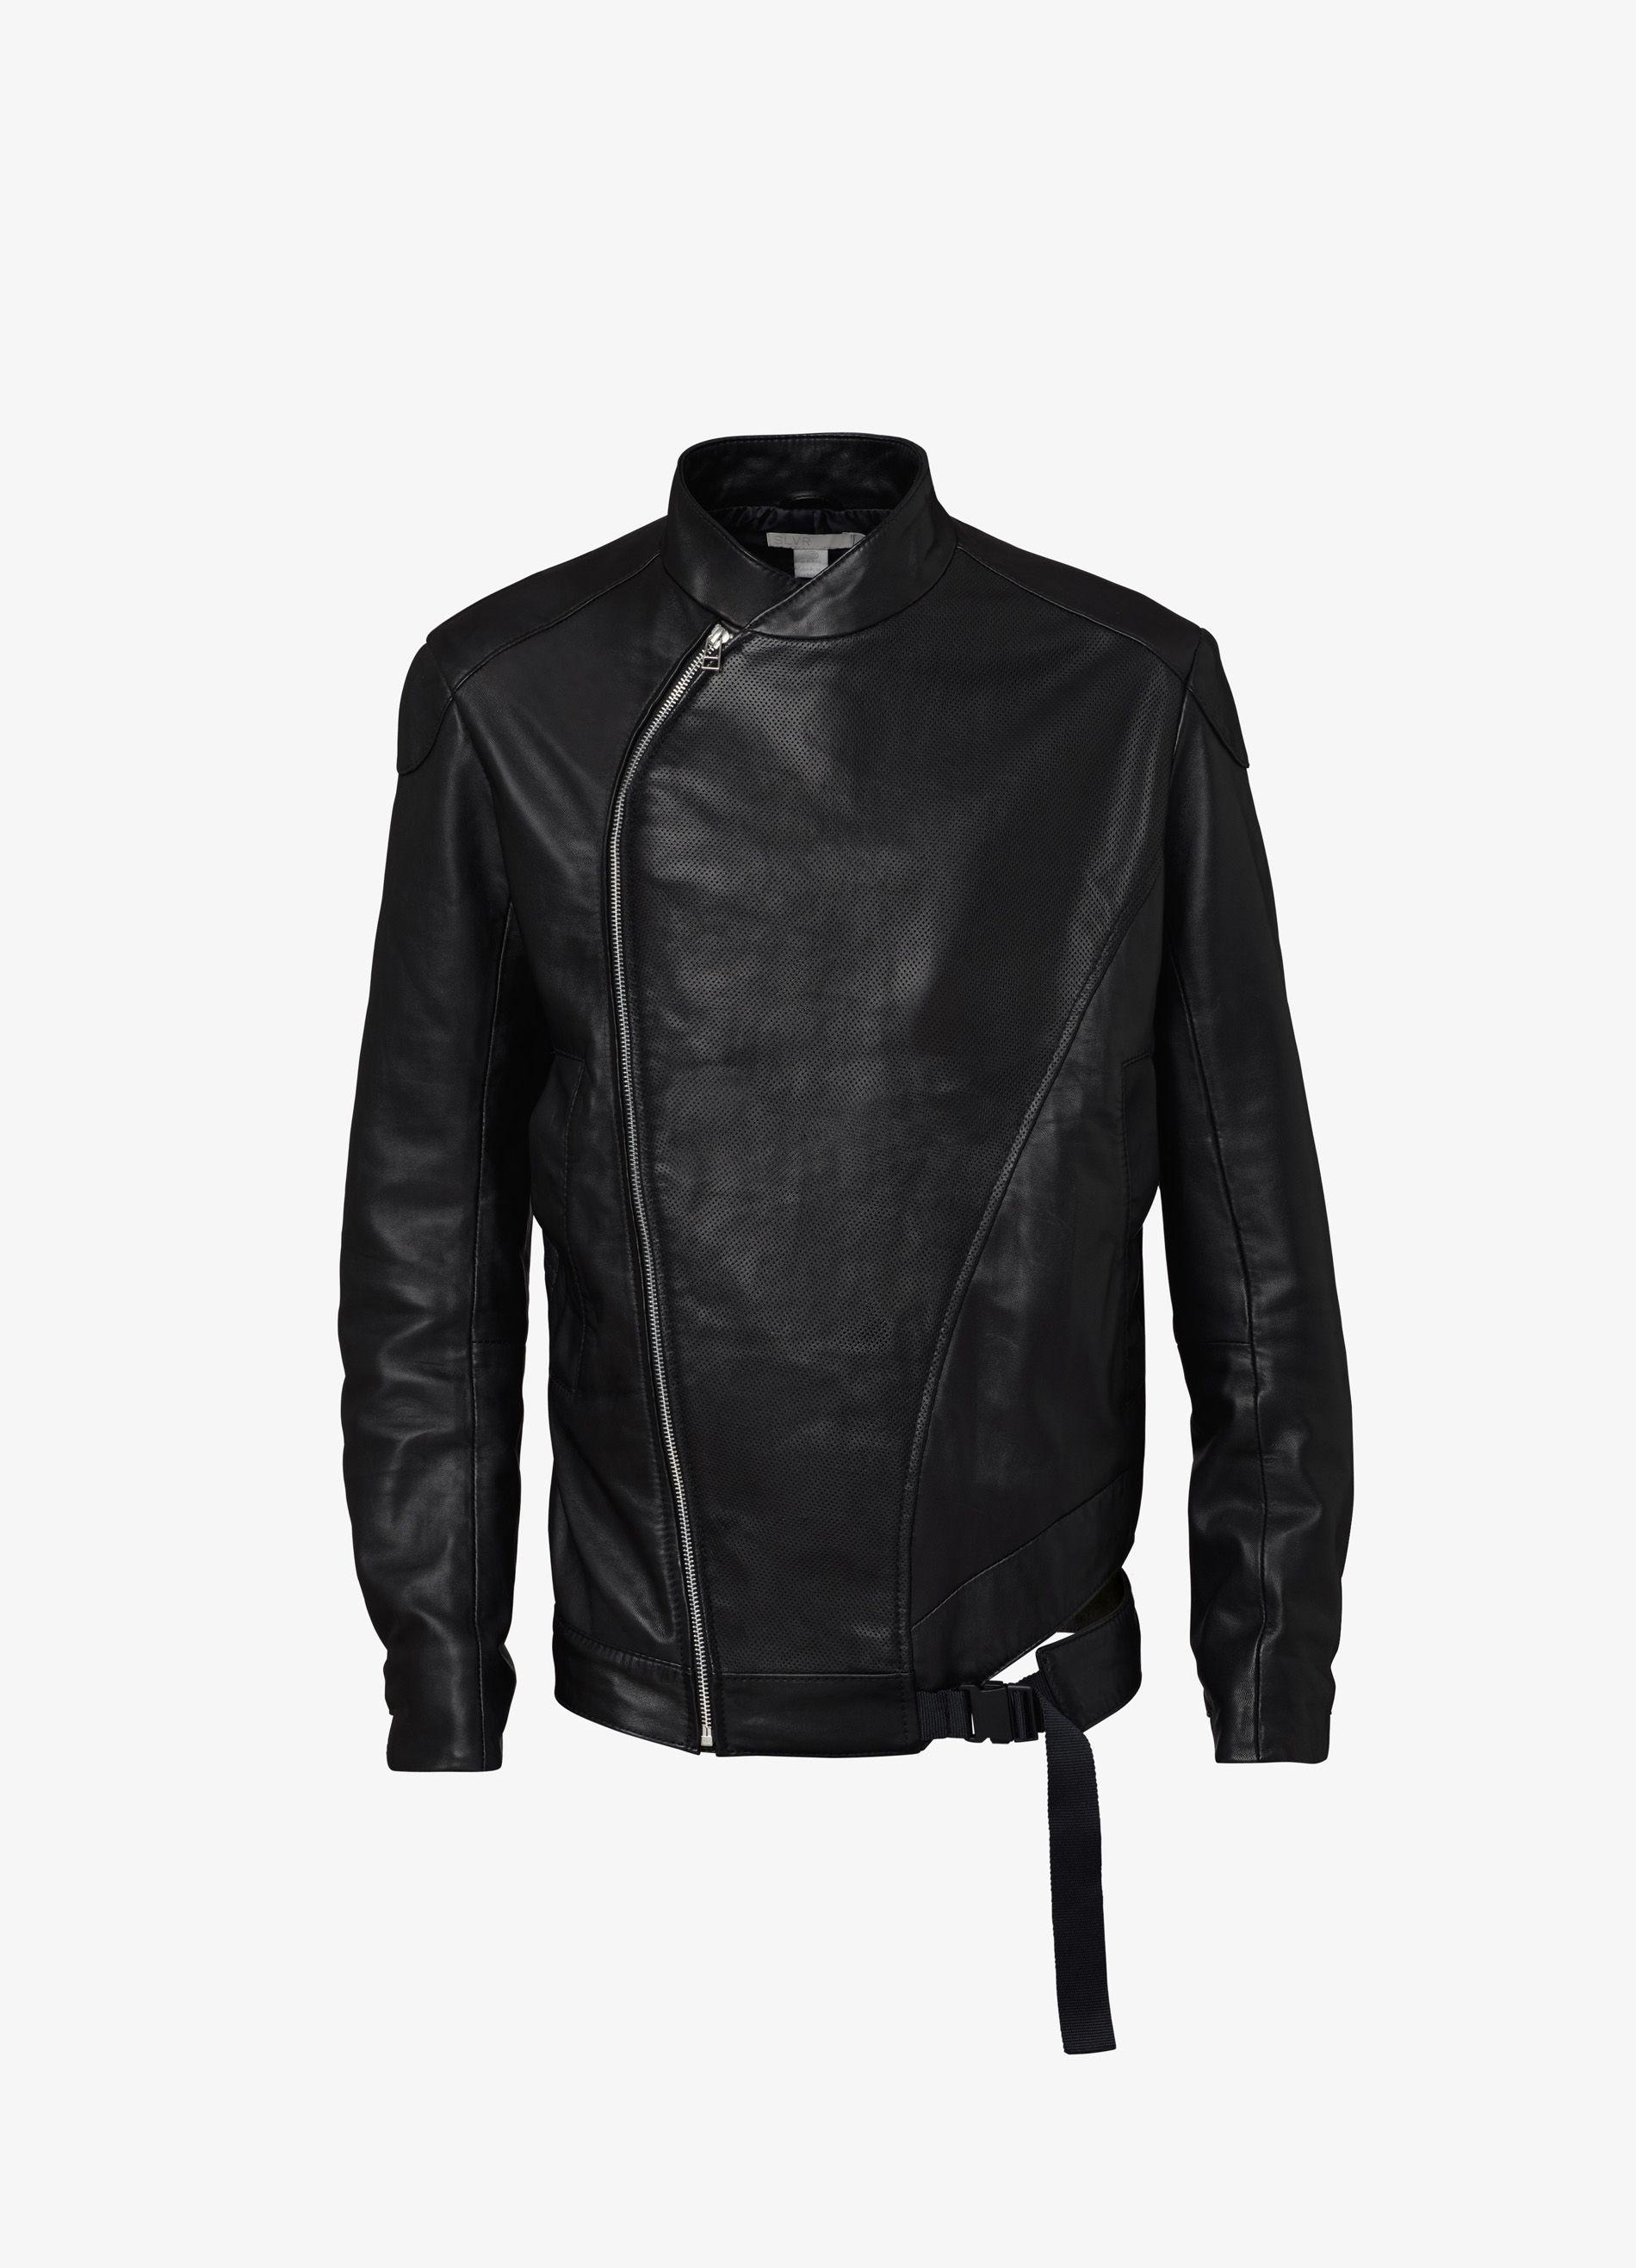 adidas slrv leather jacket leather jackets